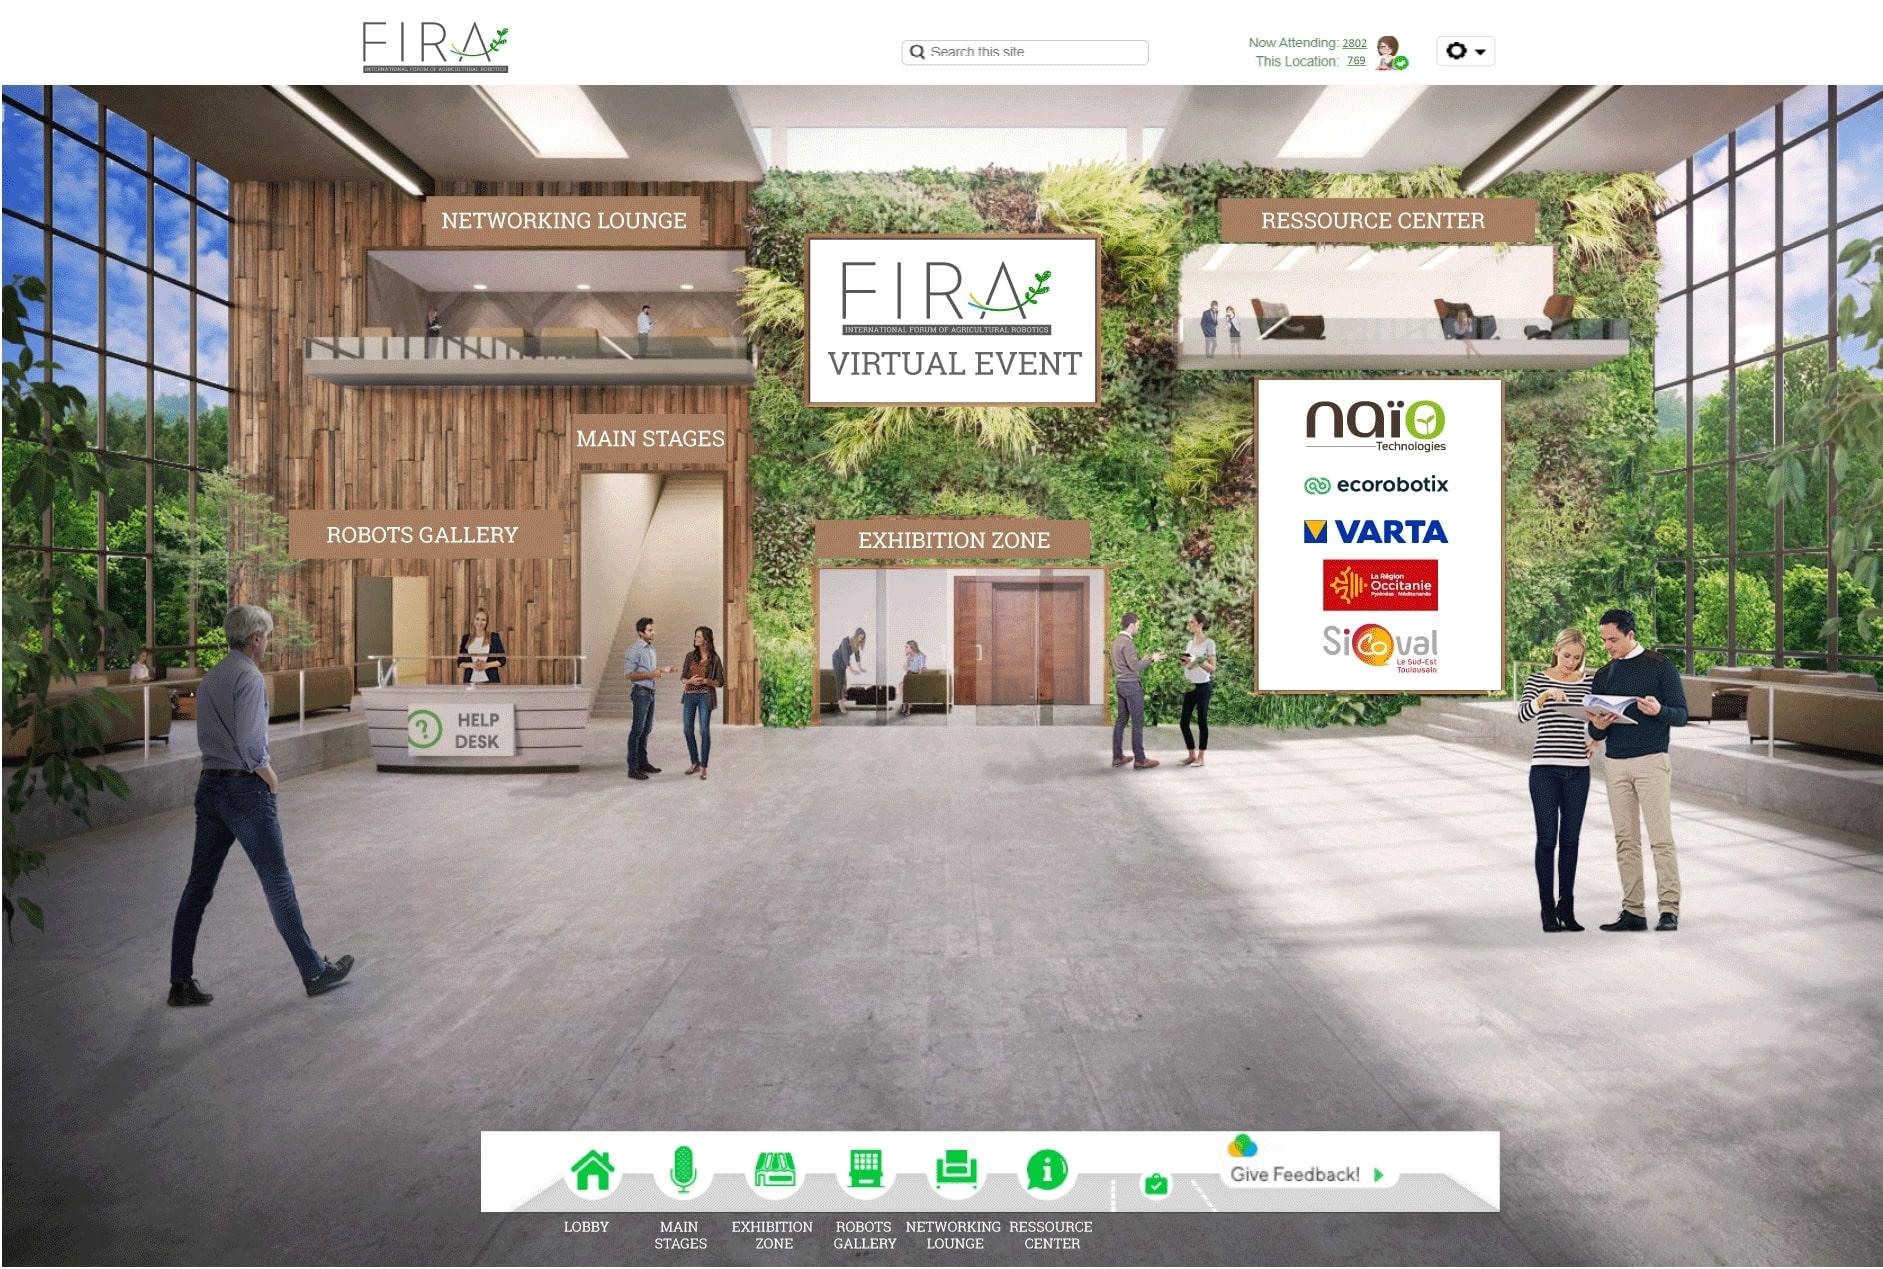 FIRA 2020